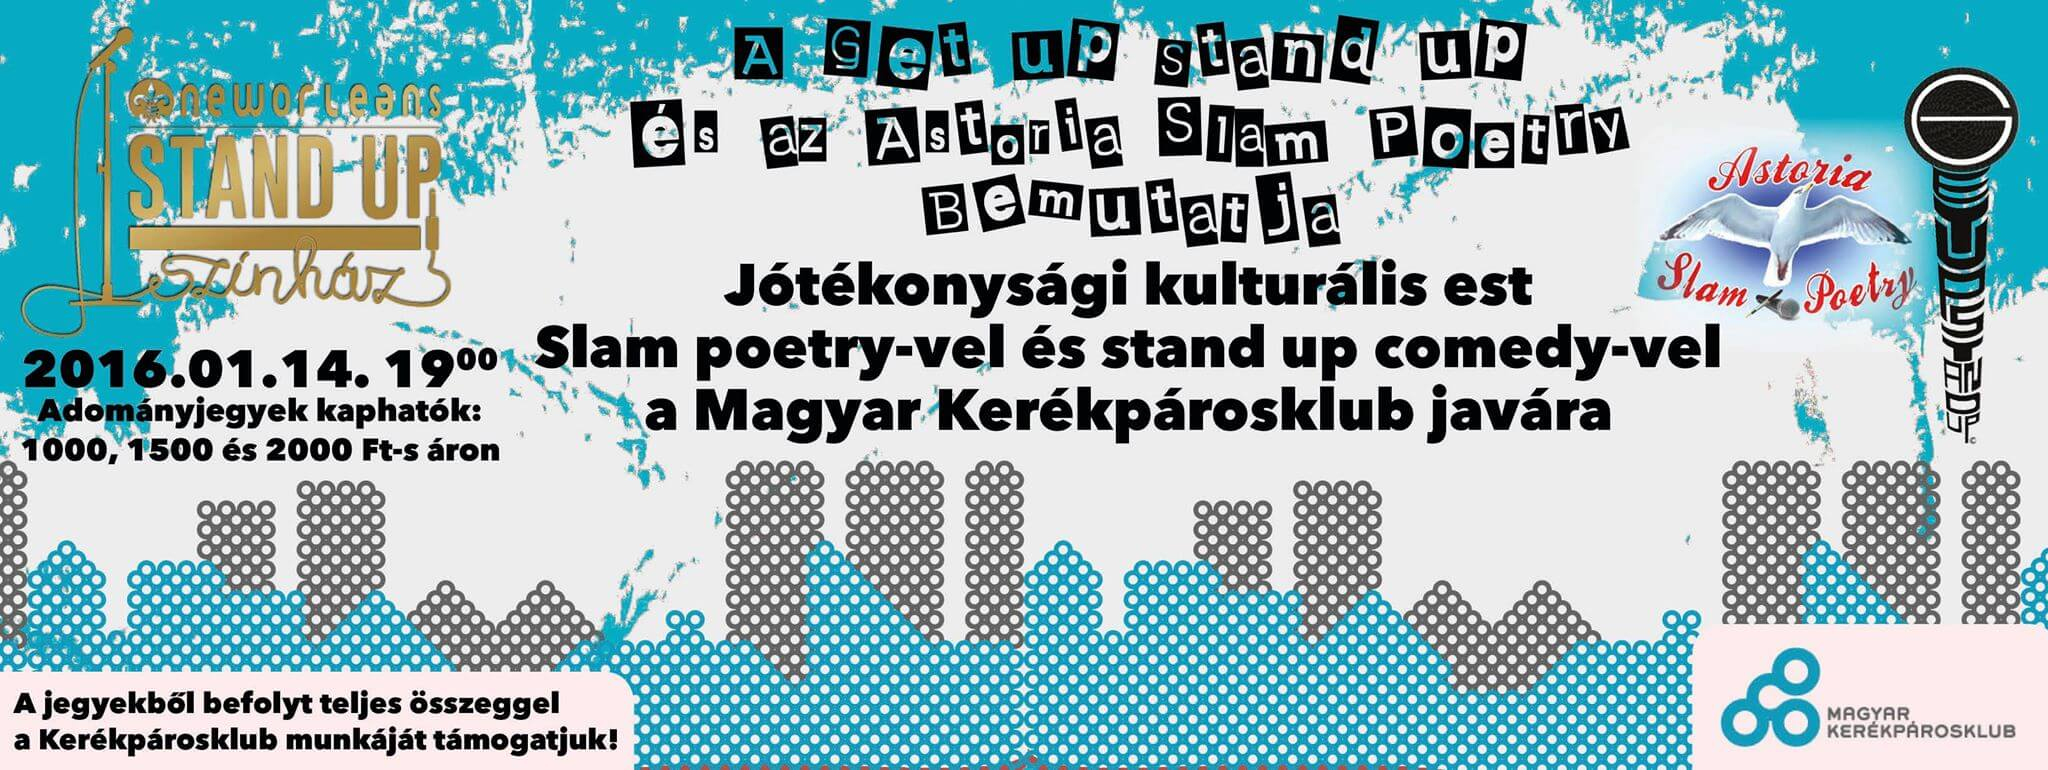 Jótékonysági kulturális est slam poetry-vel és stand up comedy-vel, a Magyar Kerékpárosklub javára